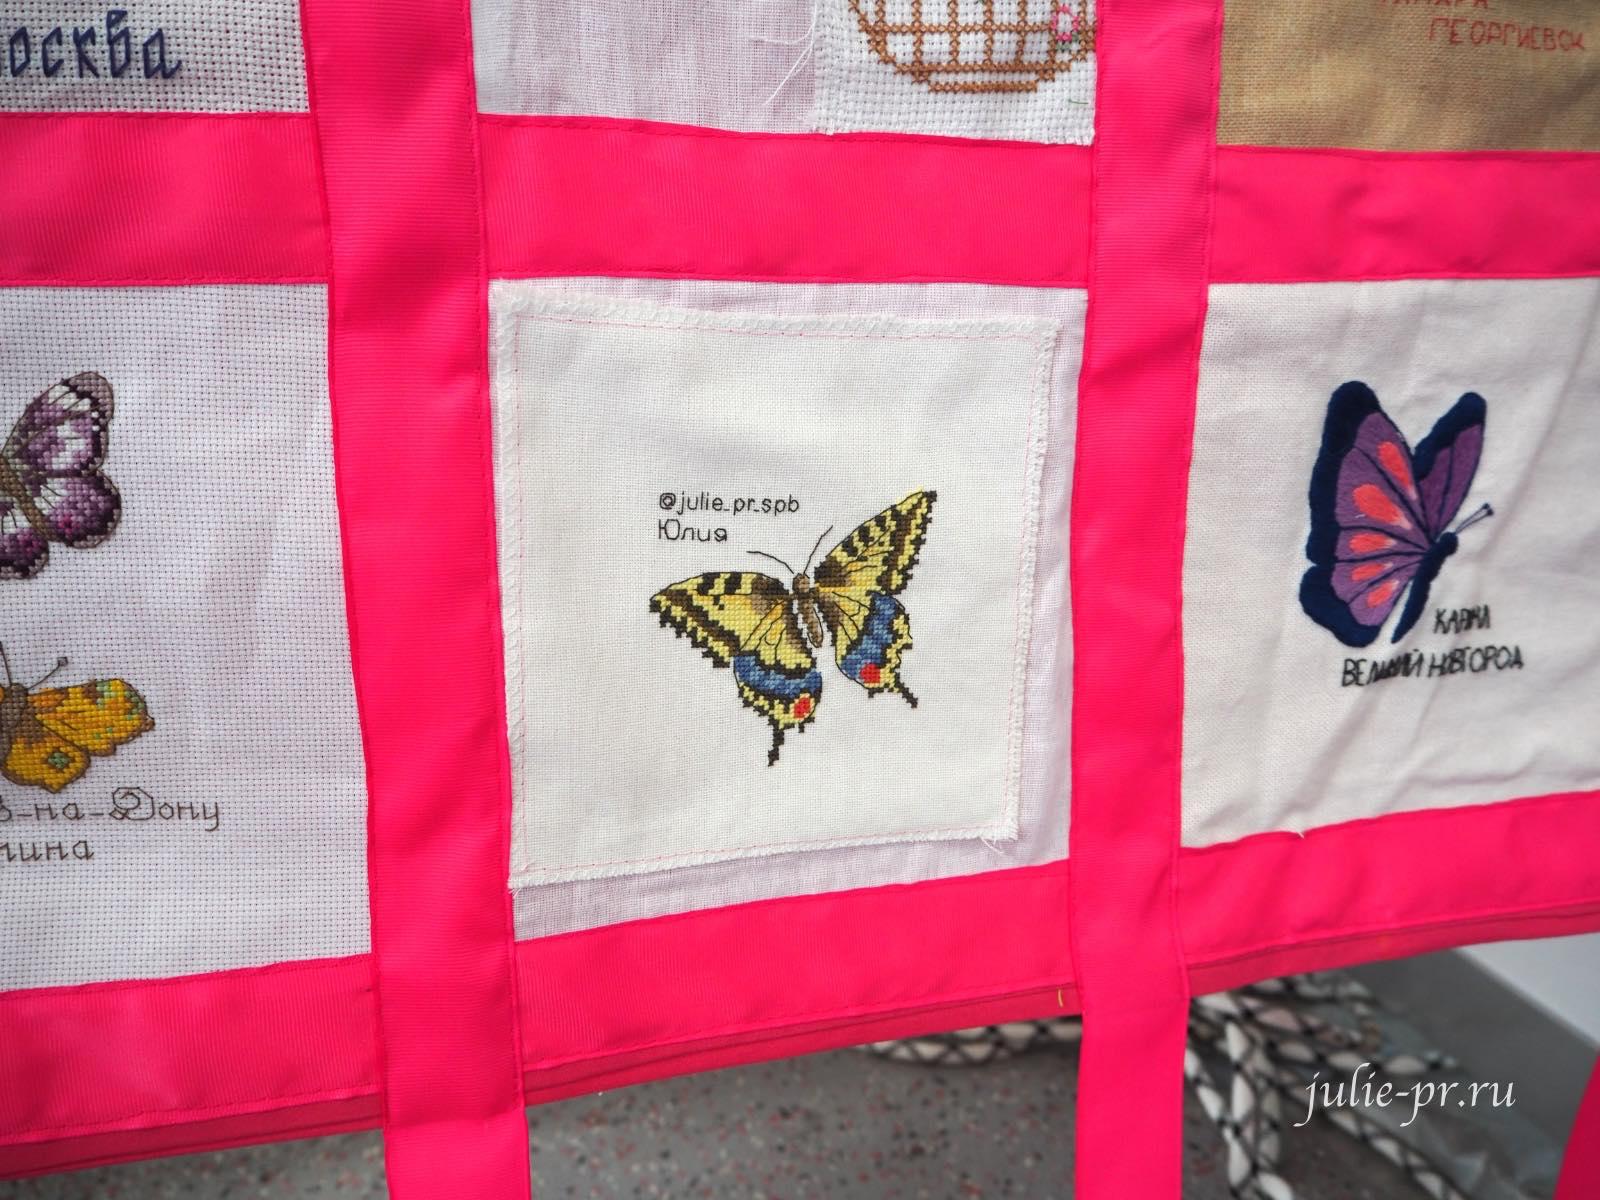 Флаг рукоделия, вышивка крестом, бабочка Veronique Enginger, формула рукоделия, весна 2019